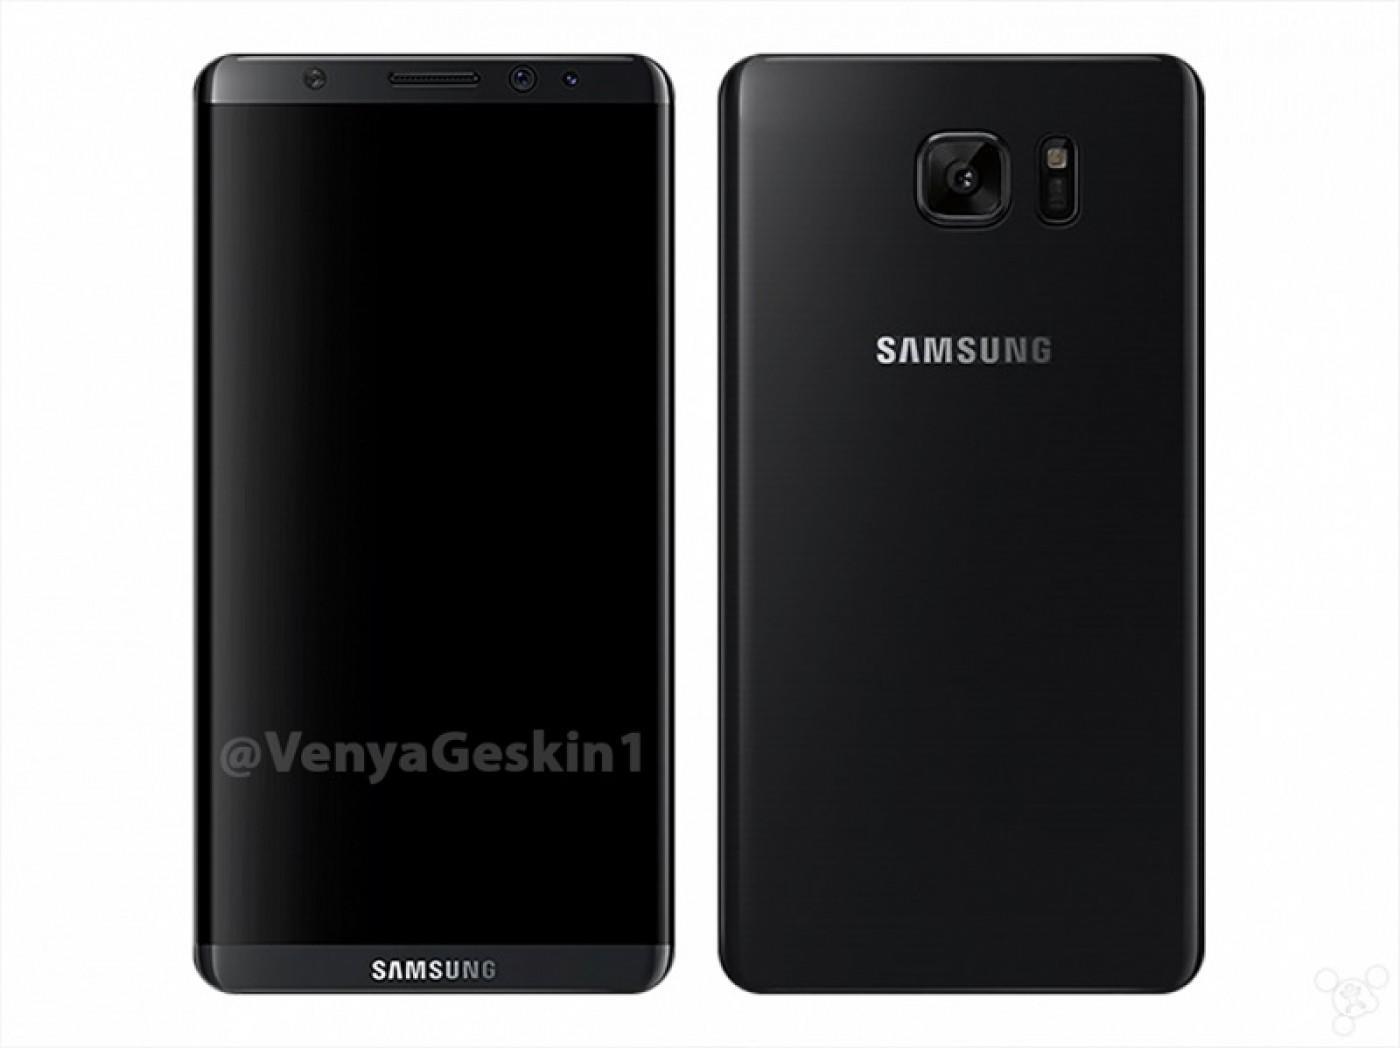 Samsung anunciará la fecha de lanzamiento del Galaxy S8 en MWC2017